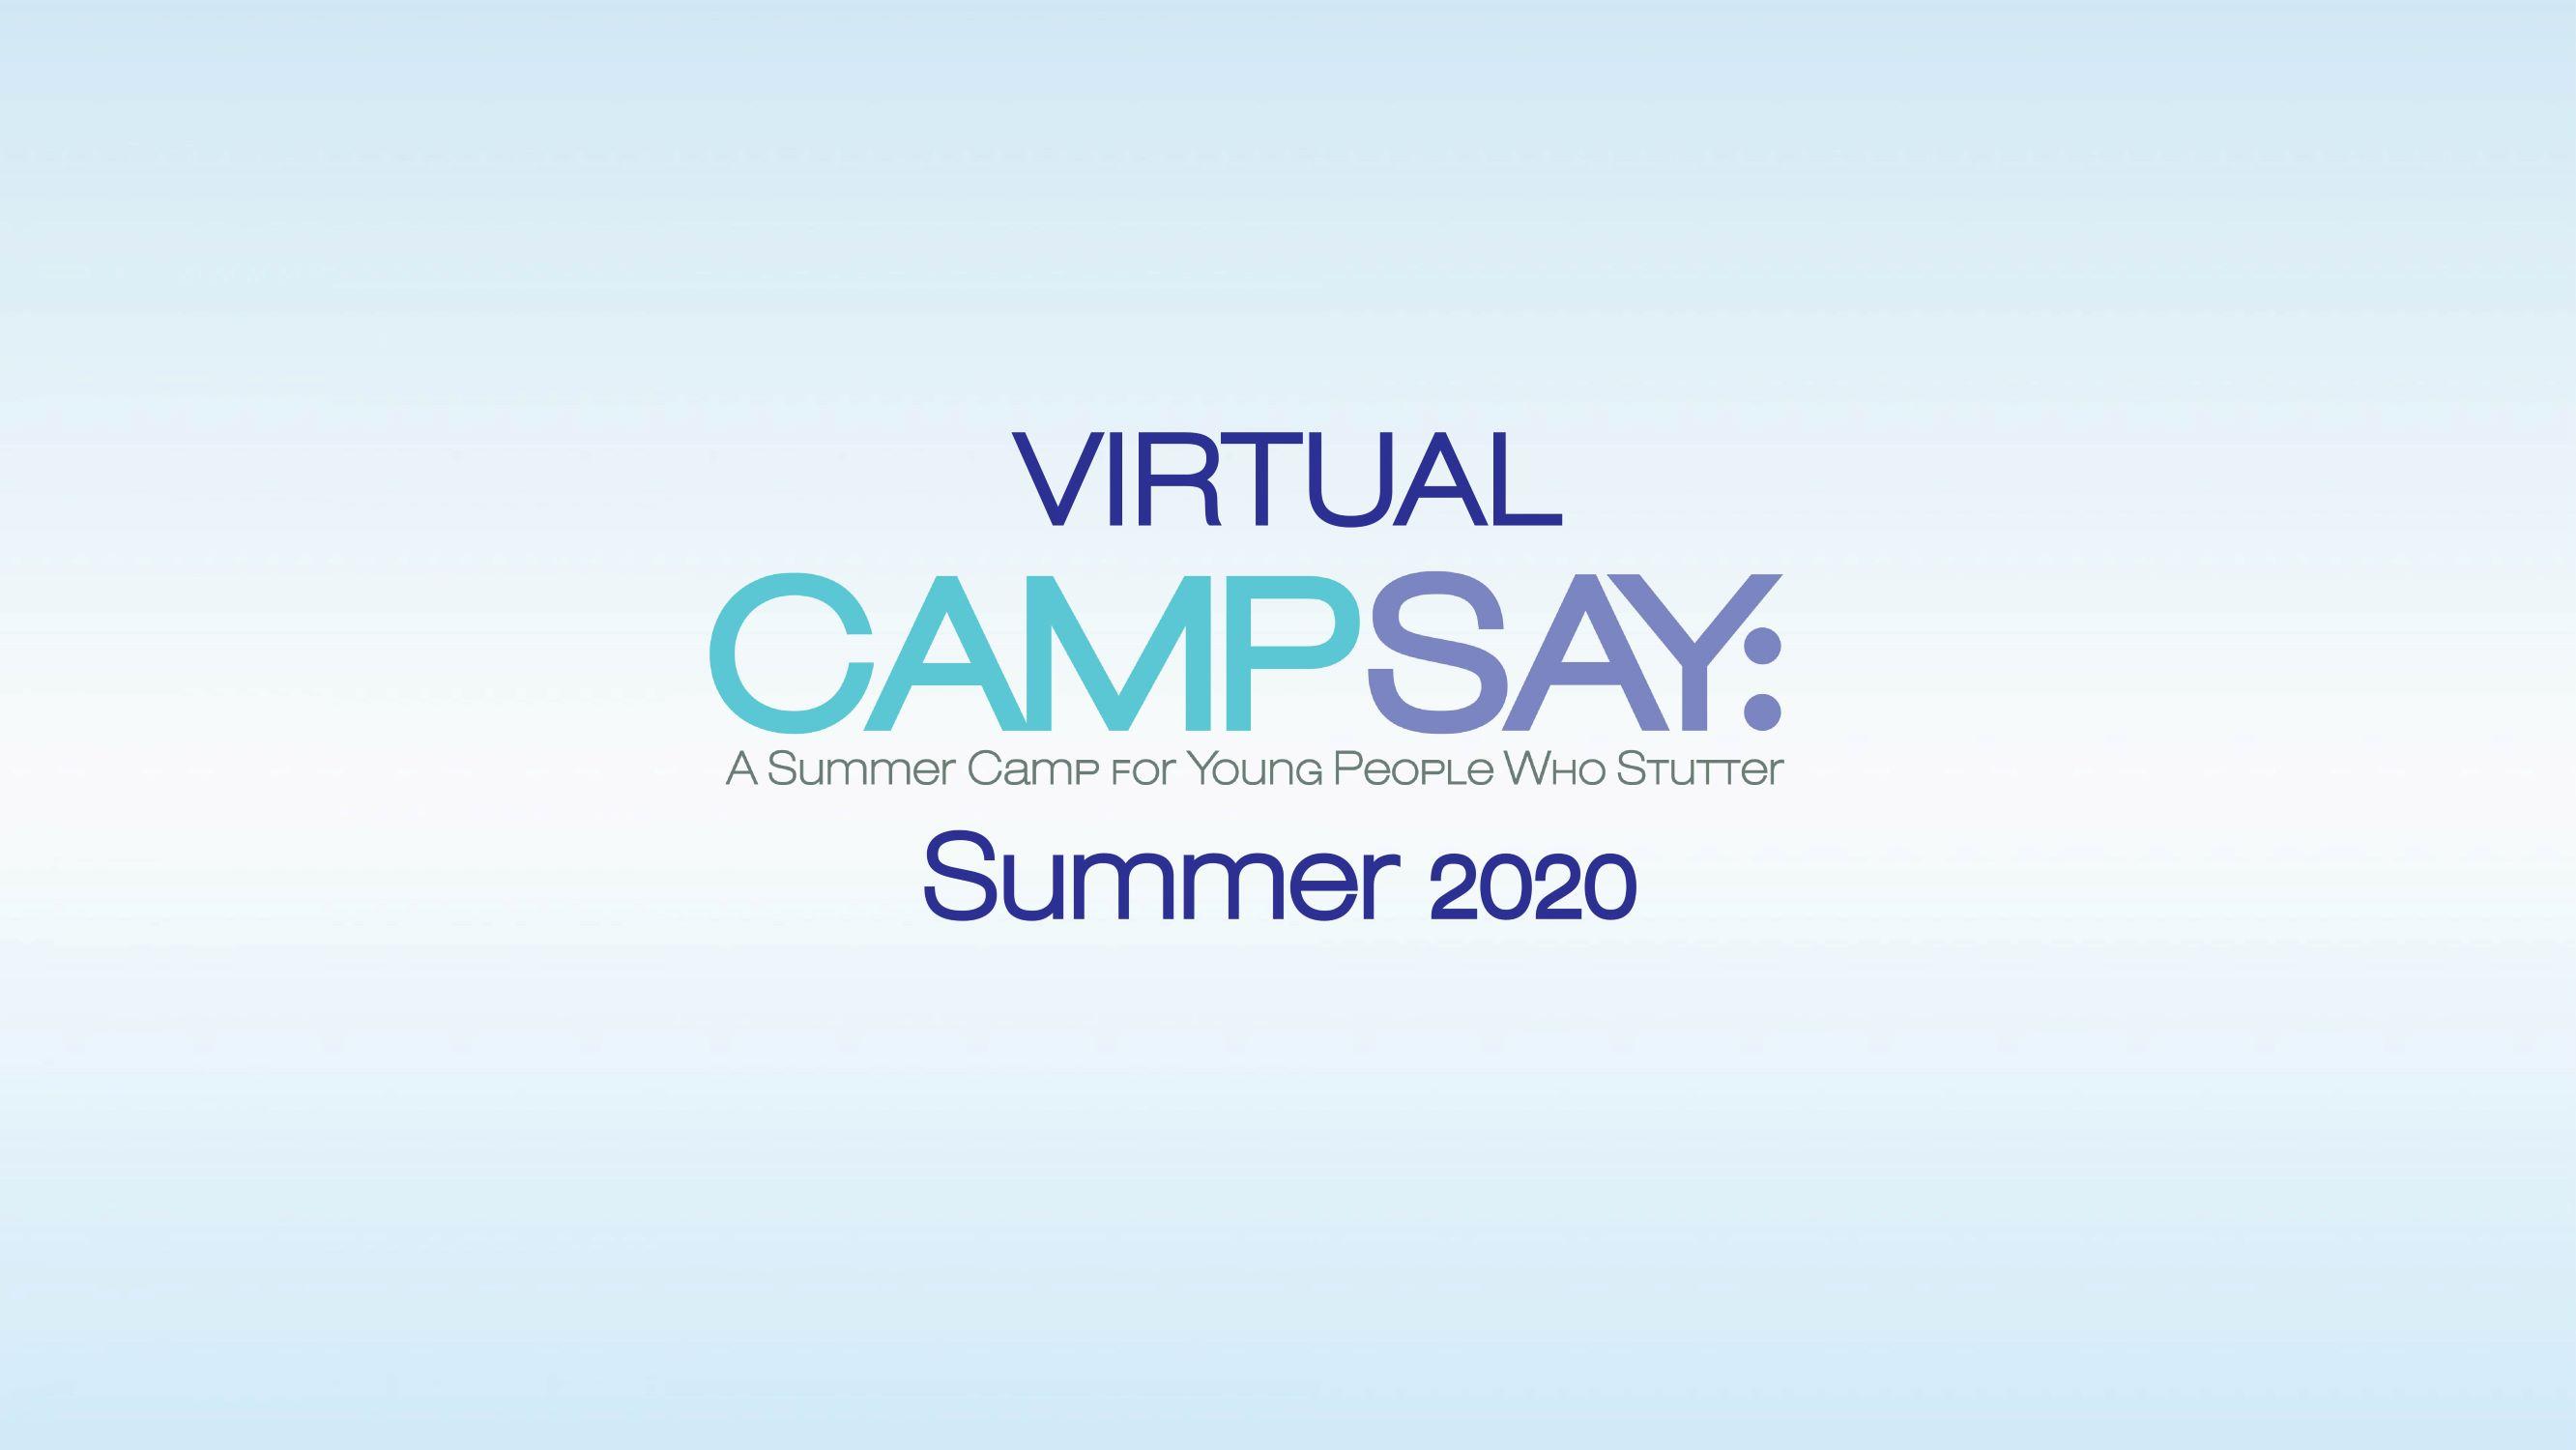 Virtual Camp SAY 2020